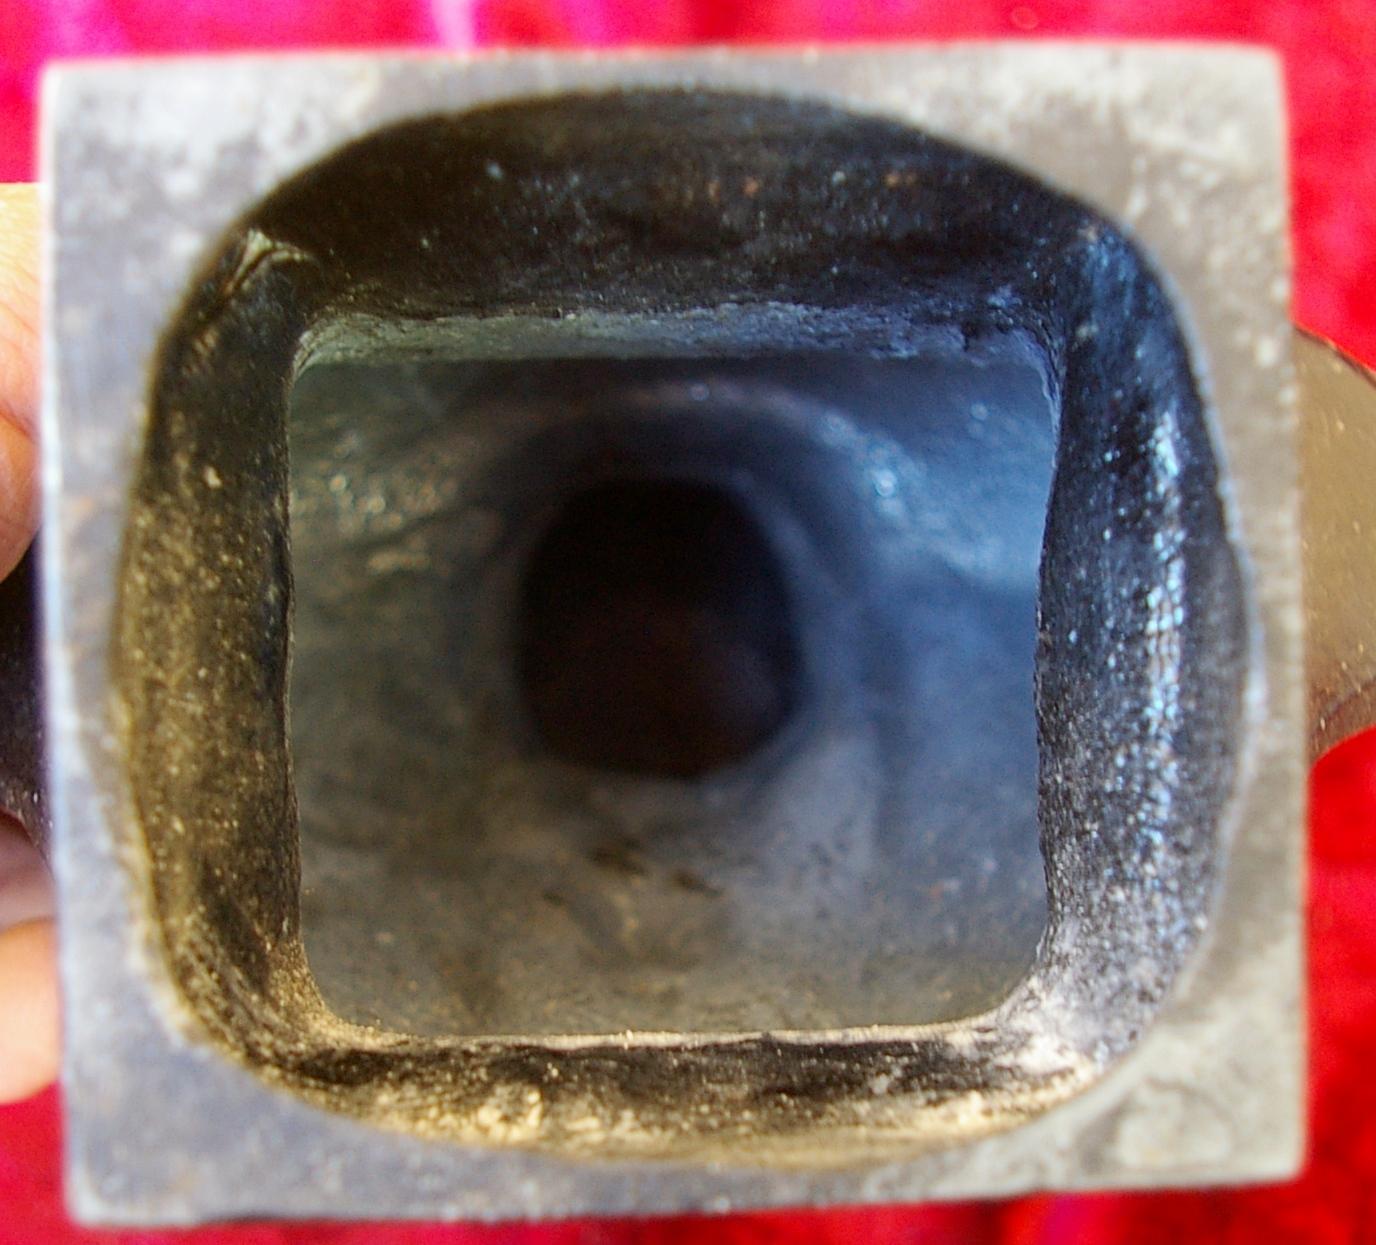 Ленин бюст, материал метал, высота 24 см., ширина 7 см., длина 7 см.  - 5